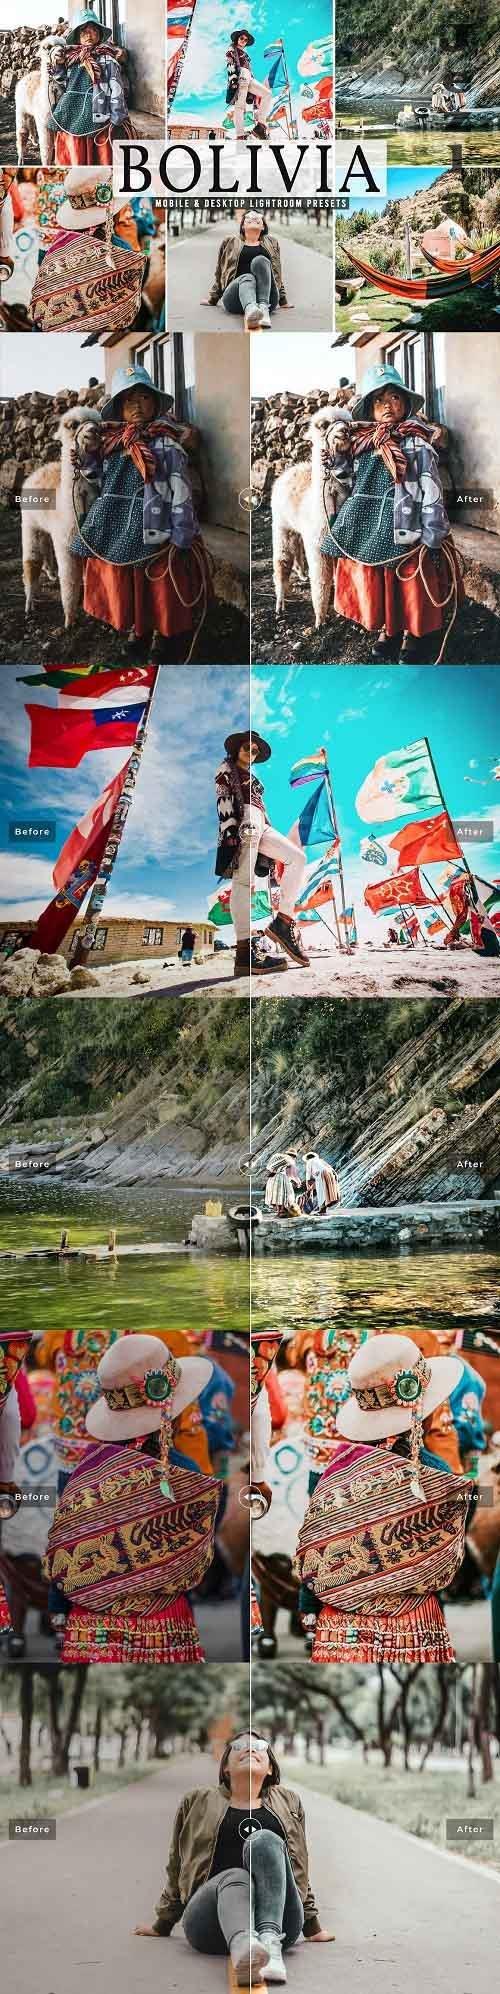 Bolivia Pro Lightroom Presets - 5554485 - Mobile & Desktop